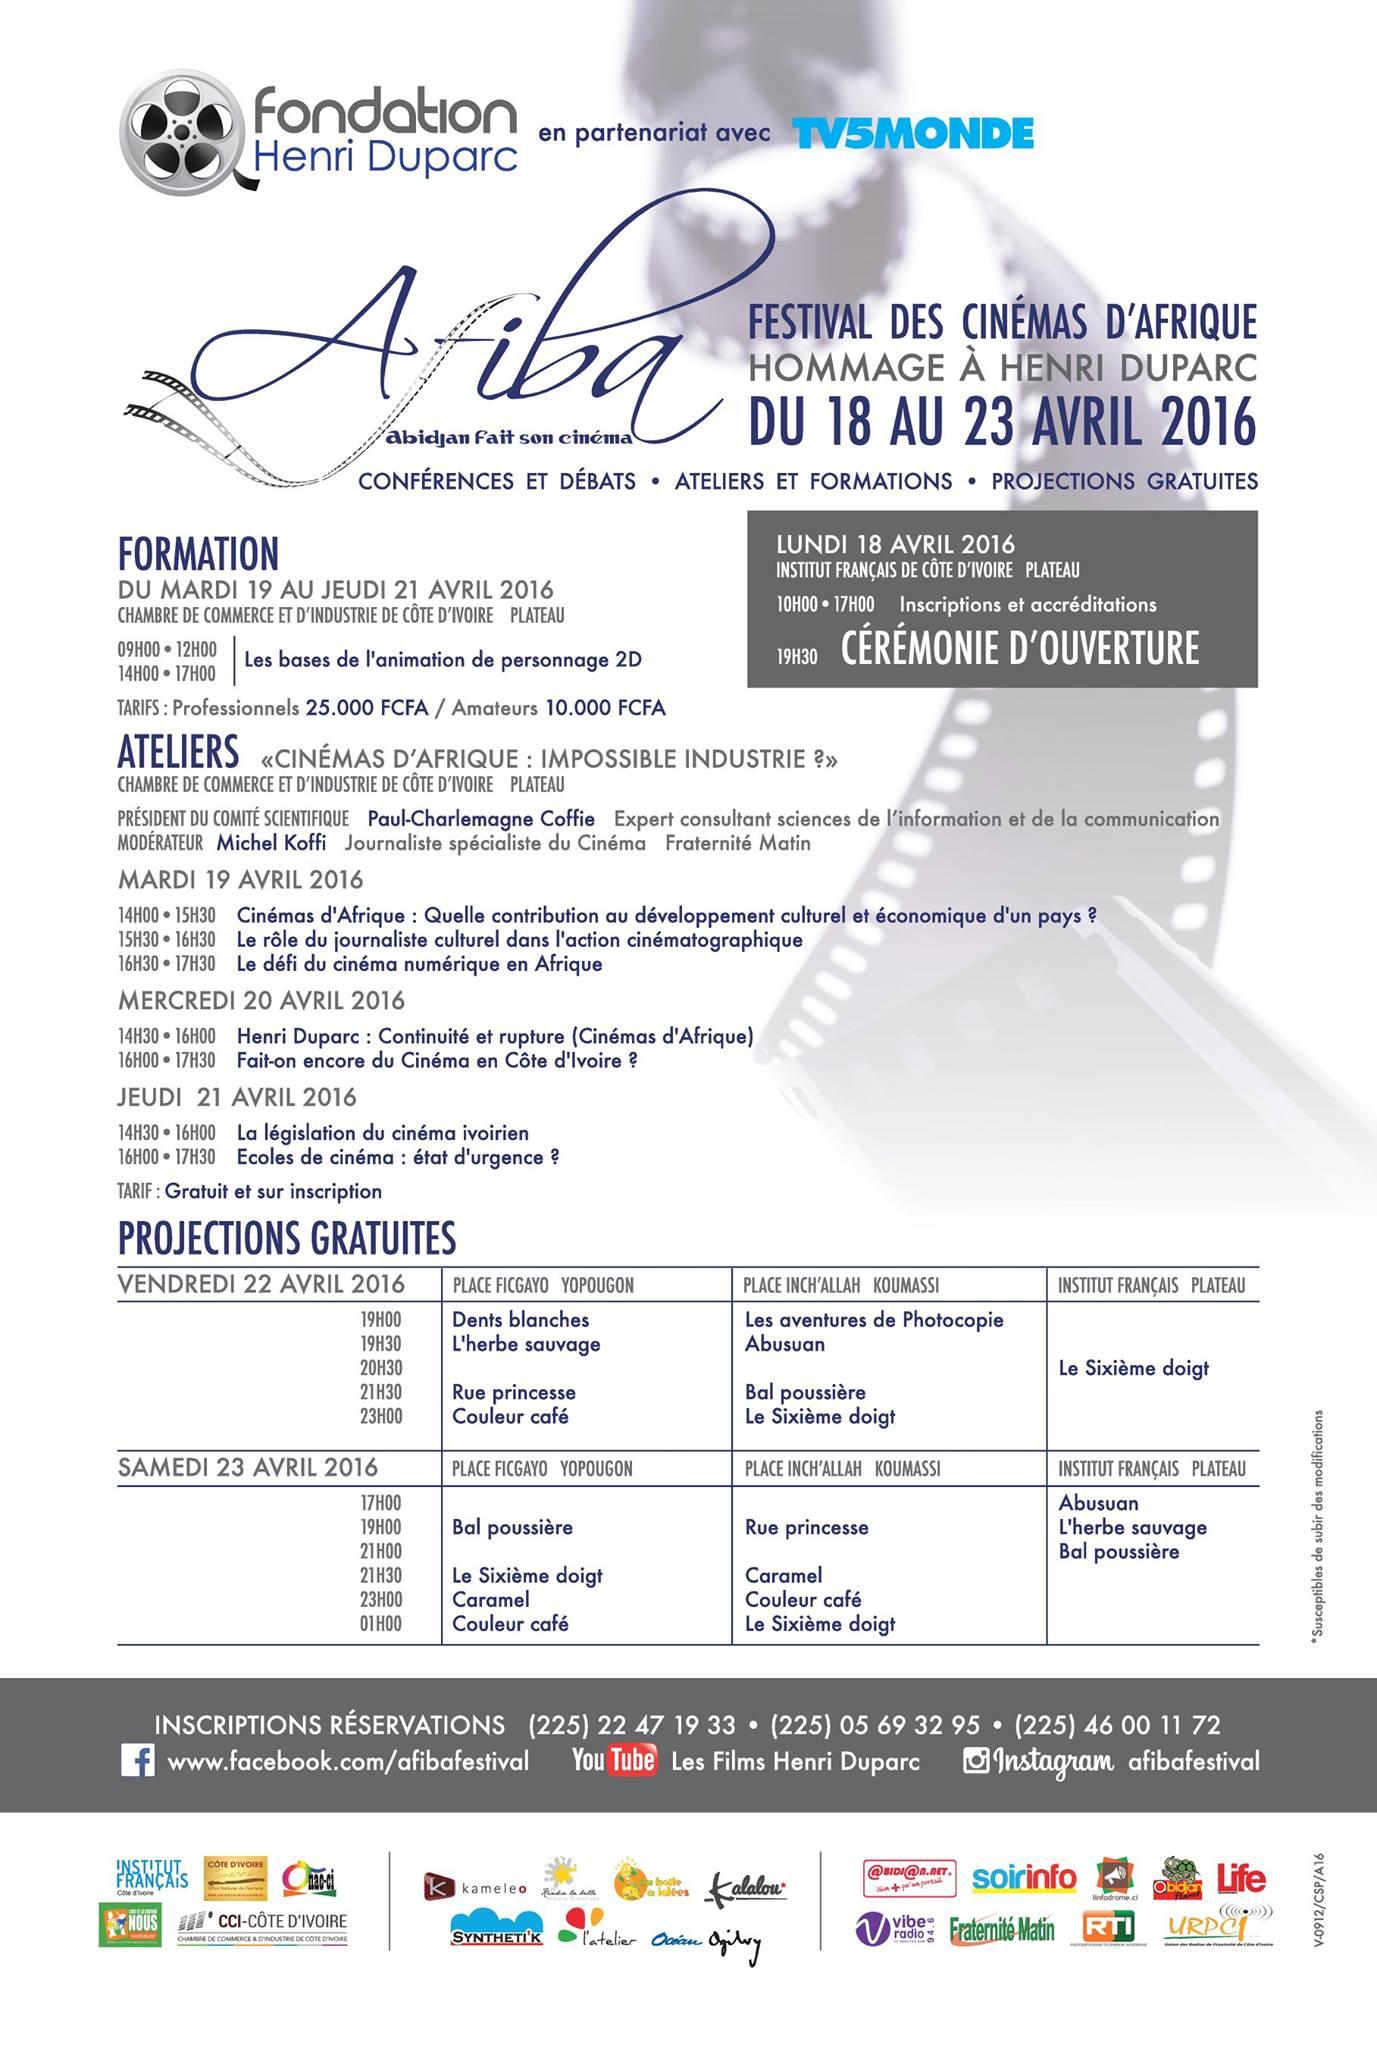 AFIBA – Ateliers sur le thème: «Cinémas d'Afrique: impossible industrie?»